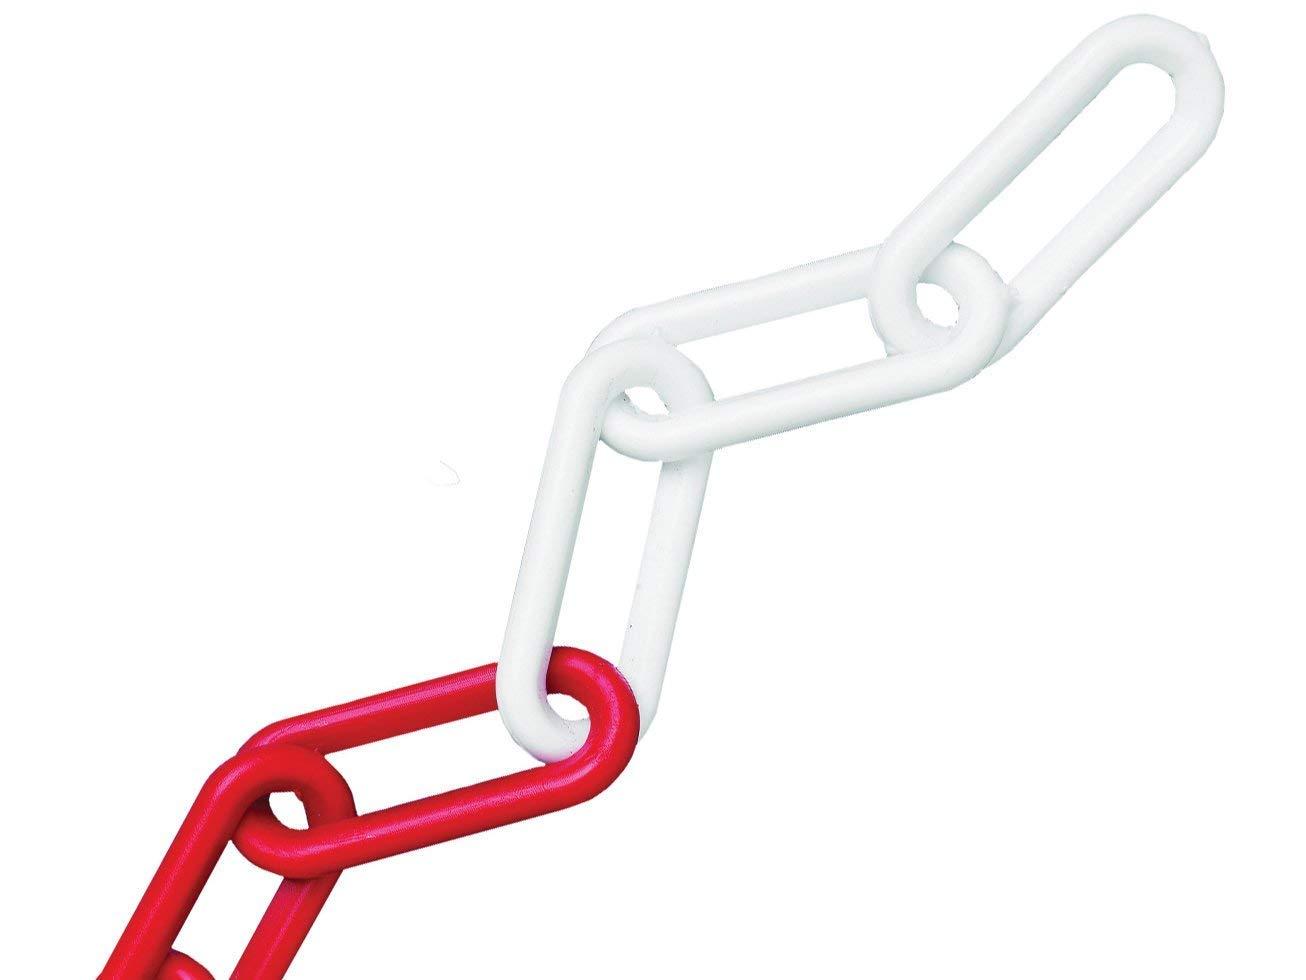 Faithfull 8mm 12.5m Plastic Chain - Red/White FAICHPRW812C